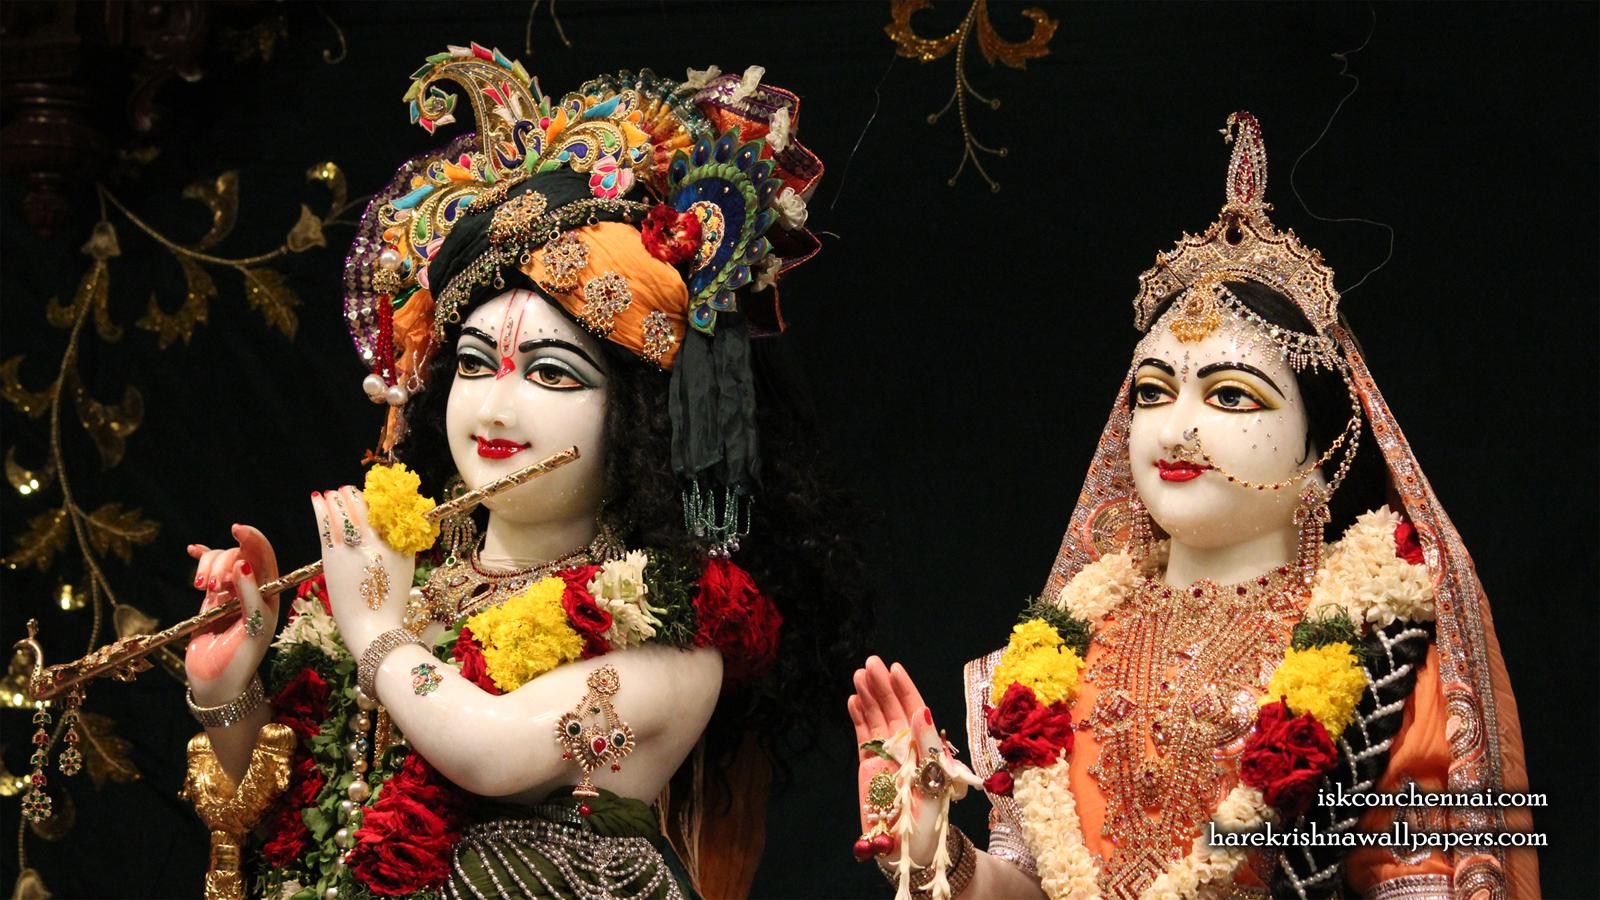 Sri Sri Radha Krishna Close up Wallpaper (014) Size 1600x900 Download